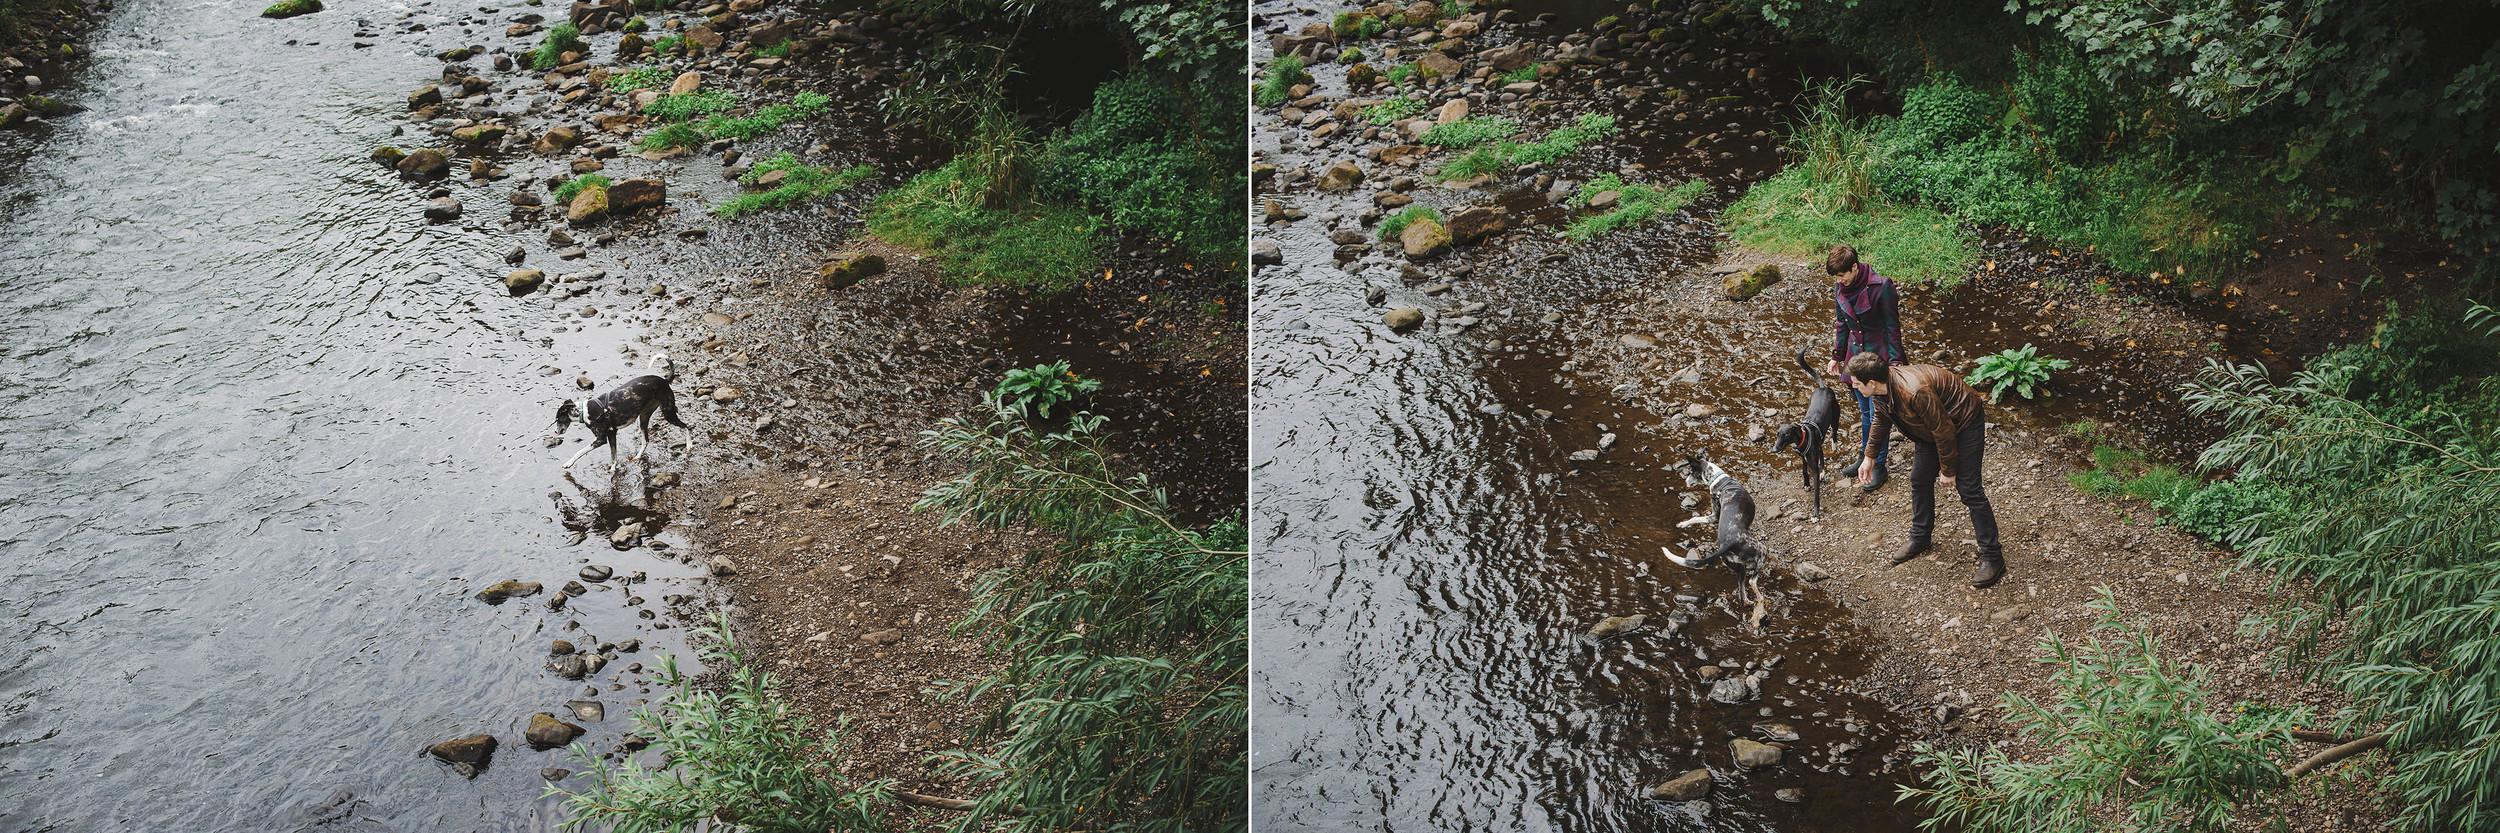 Roslin Glen Engagement Shoot3.jpg